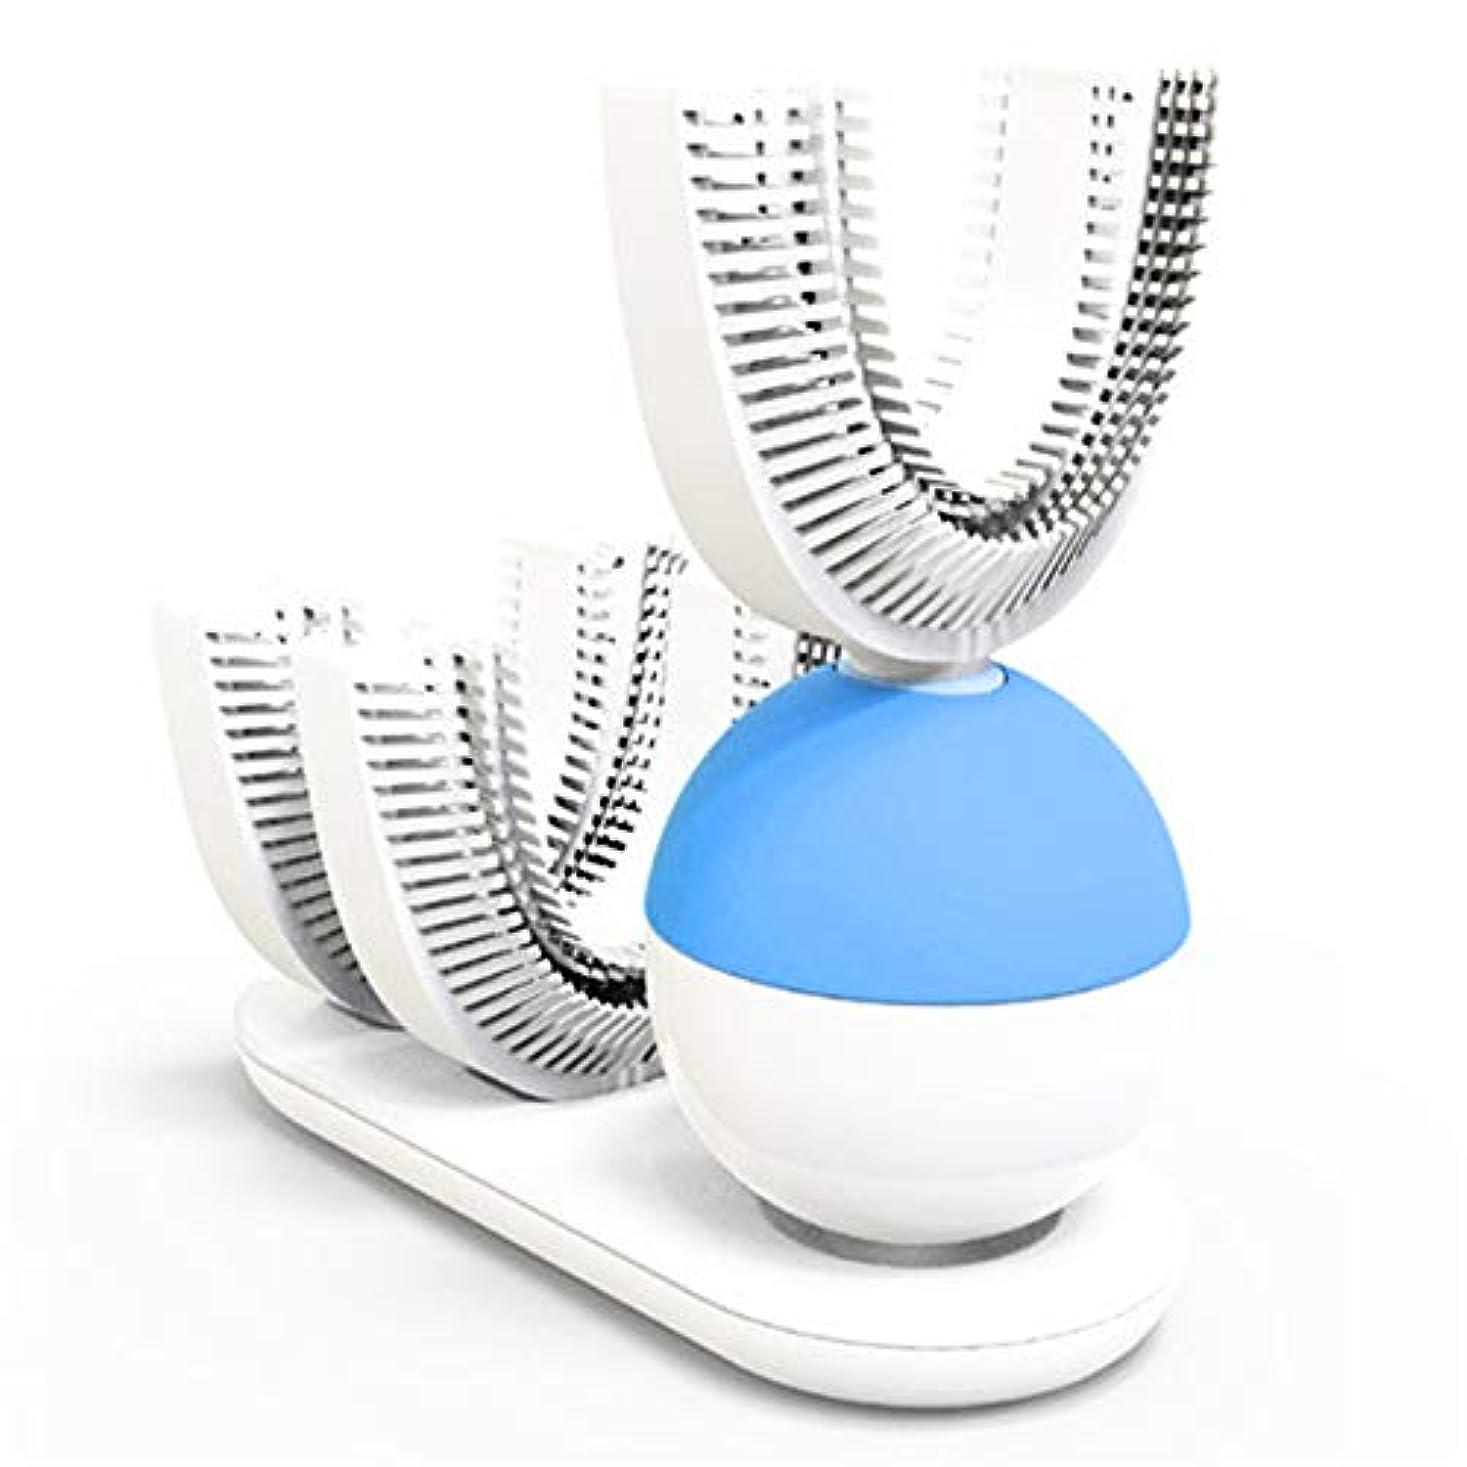 朝嫌悪インフラ電動歯ブラシ 自動歯ブラシ U型 360°全方位 超音波 怠け者歯ブラシ ワイヤレス充電 口腔洗浄器 歯ブラシヘッド付き